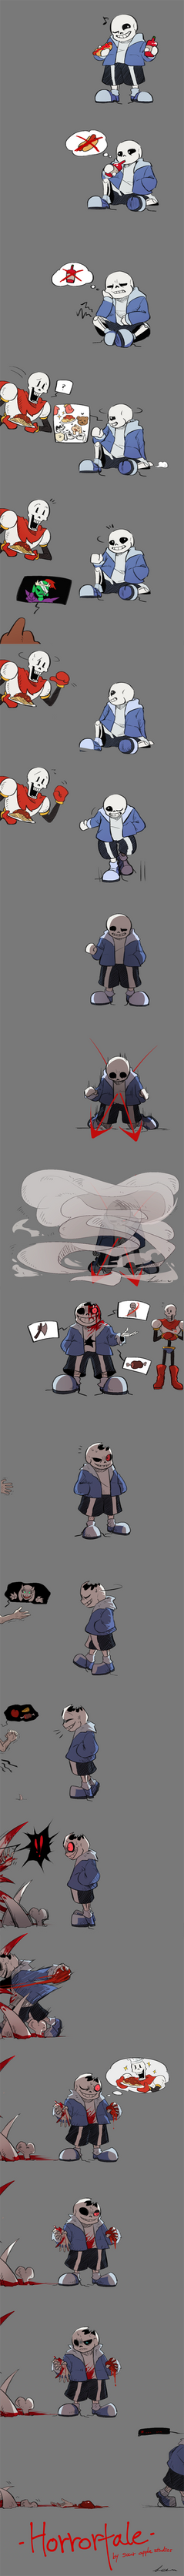 [Horrortale] Remaining Sanity [Mild Spoiler]